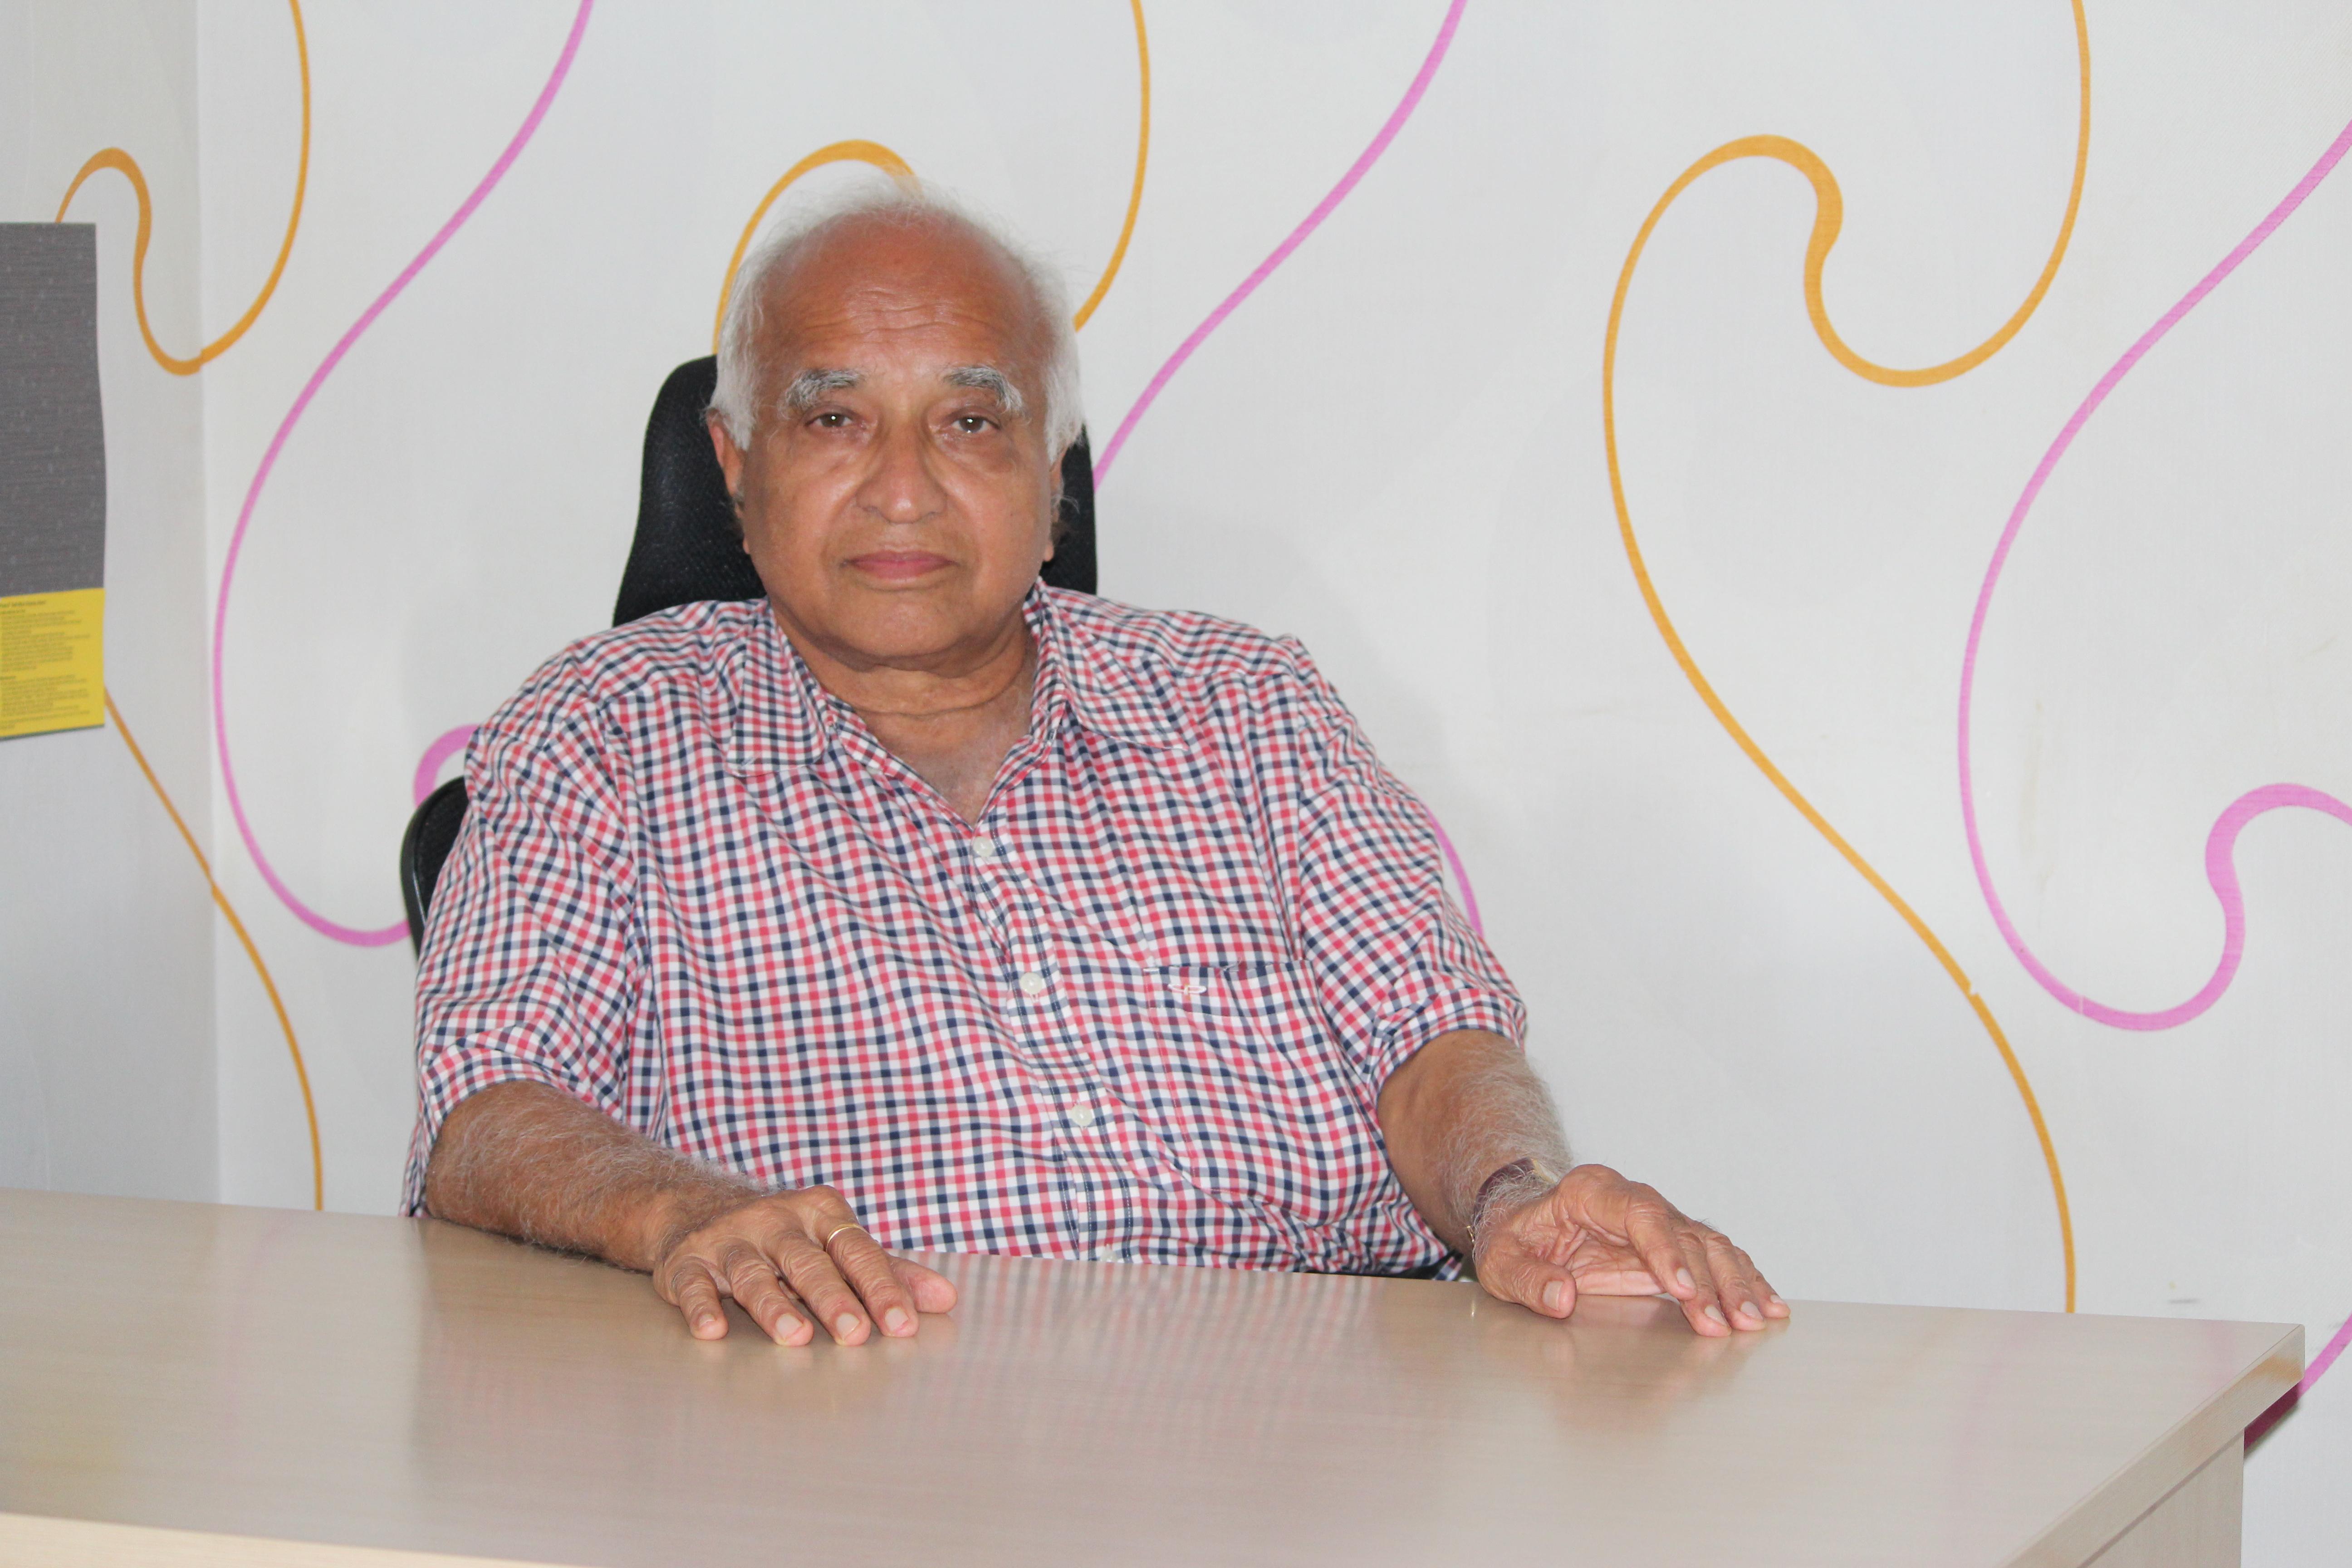 Mr. Suresh Patravali